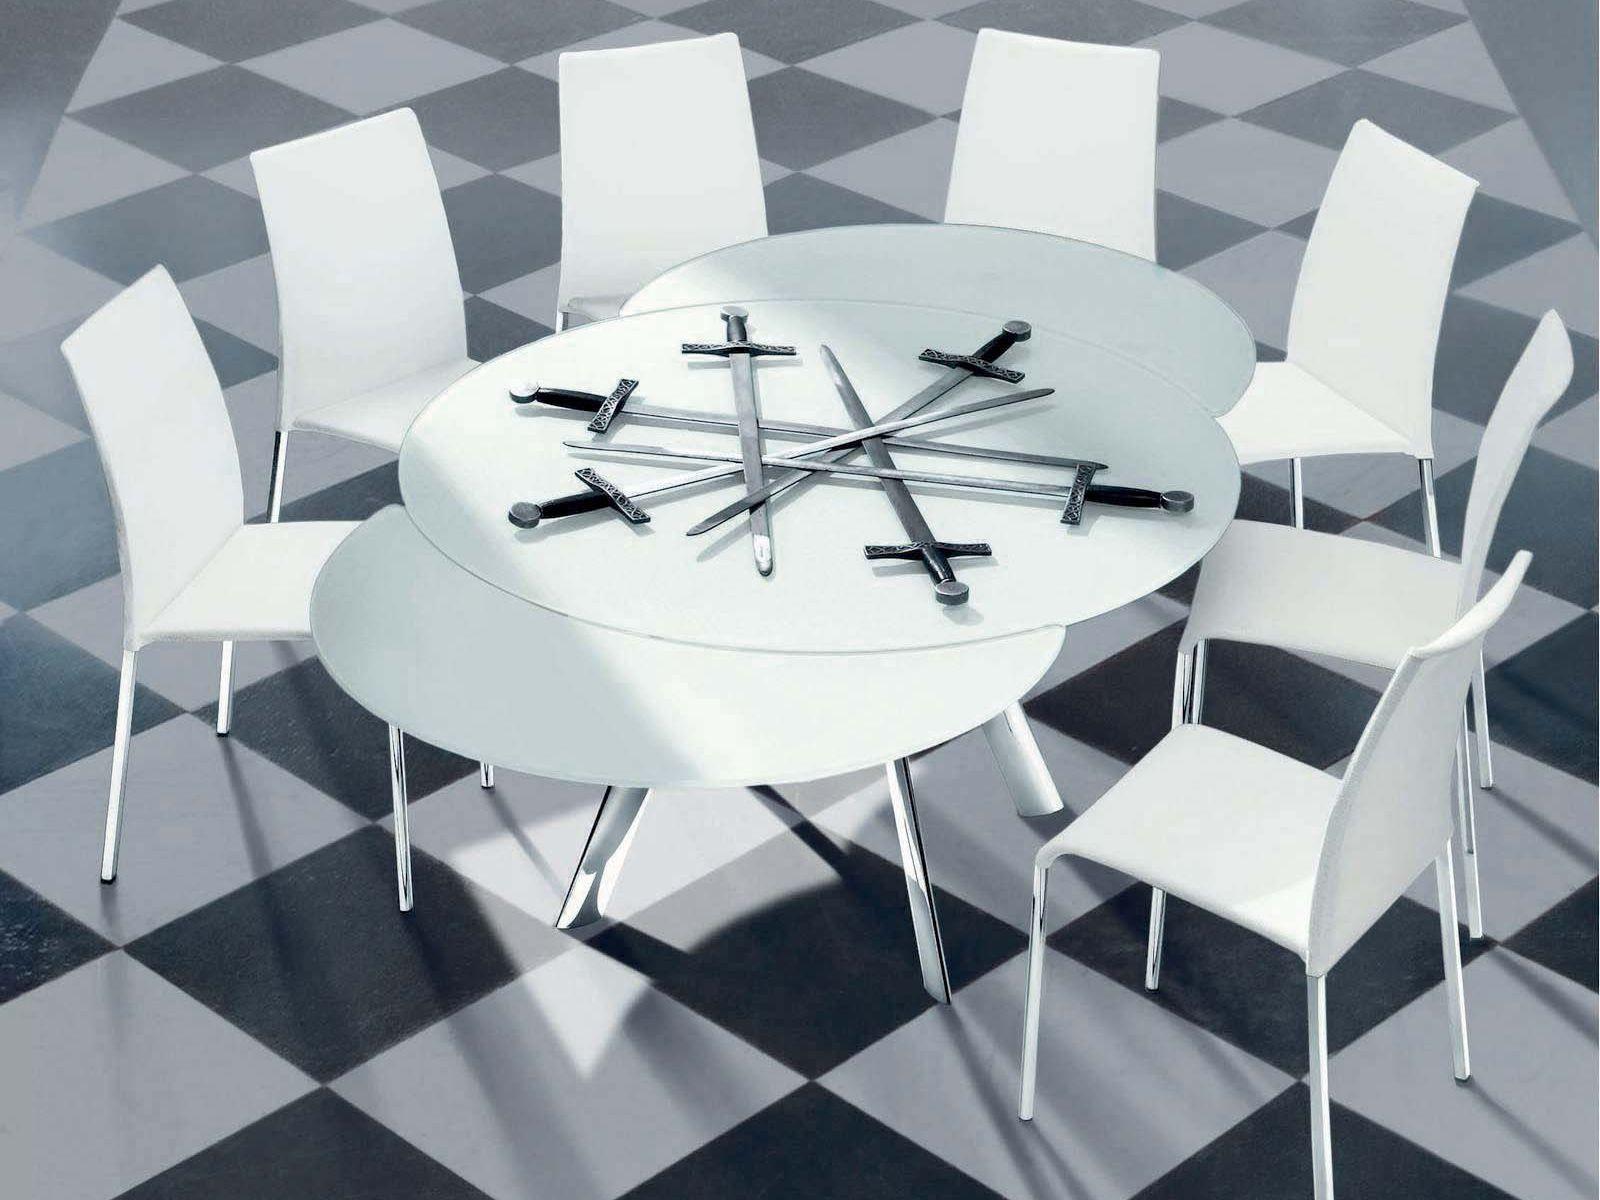 Tavolo allungabile in cristallo giro tavolo rotondo for Tavolo rotondo allungabile design